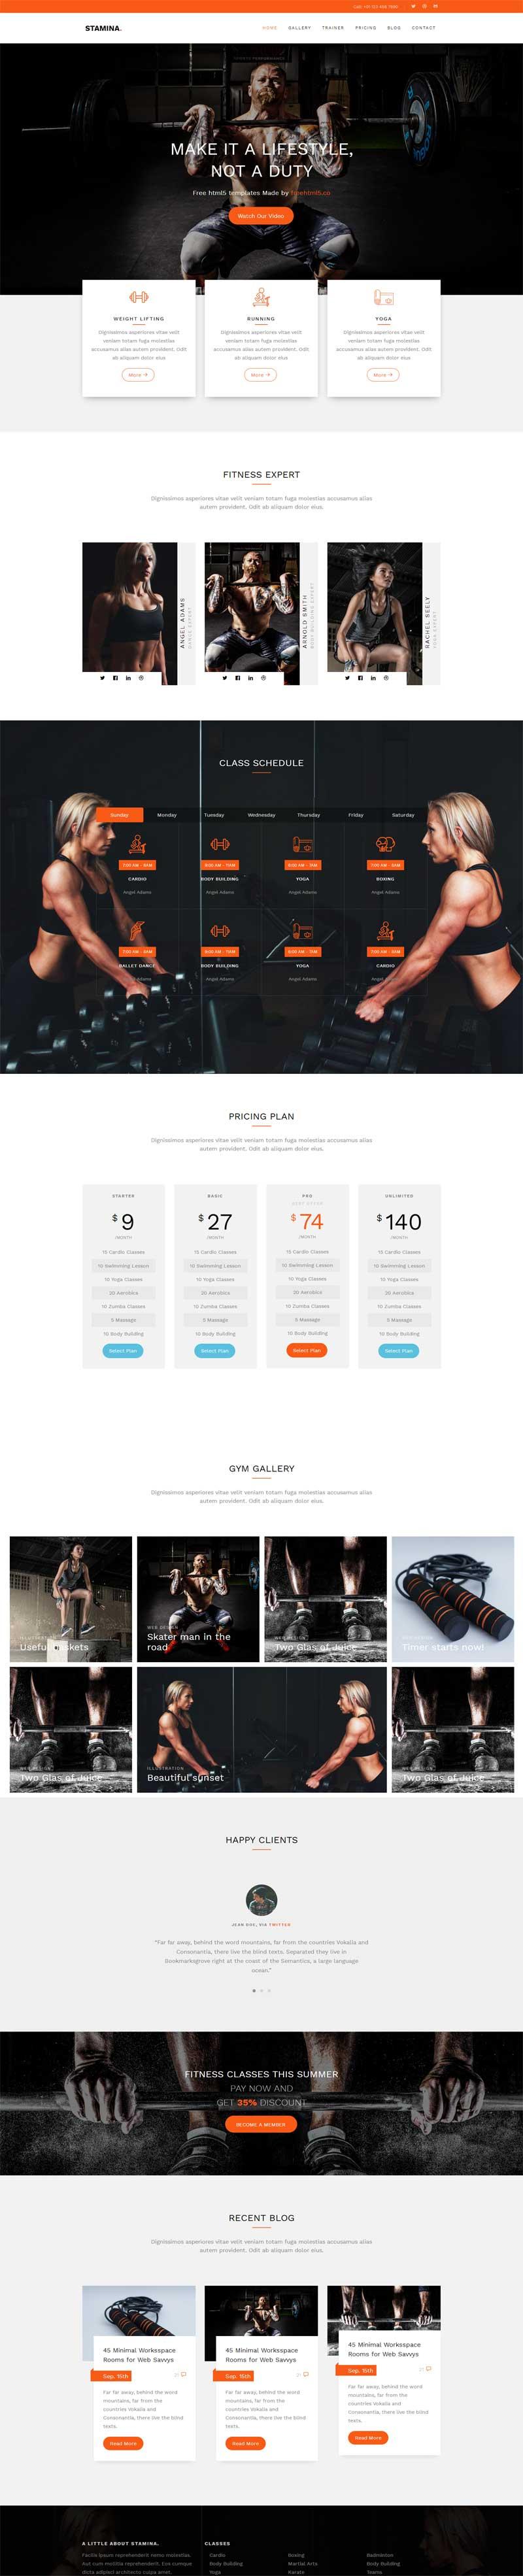 橙色宽屏的健身俱乐部网站响应式html5模板